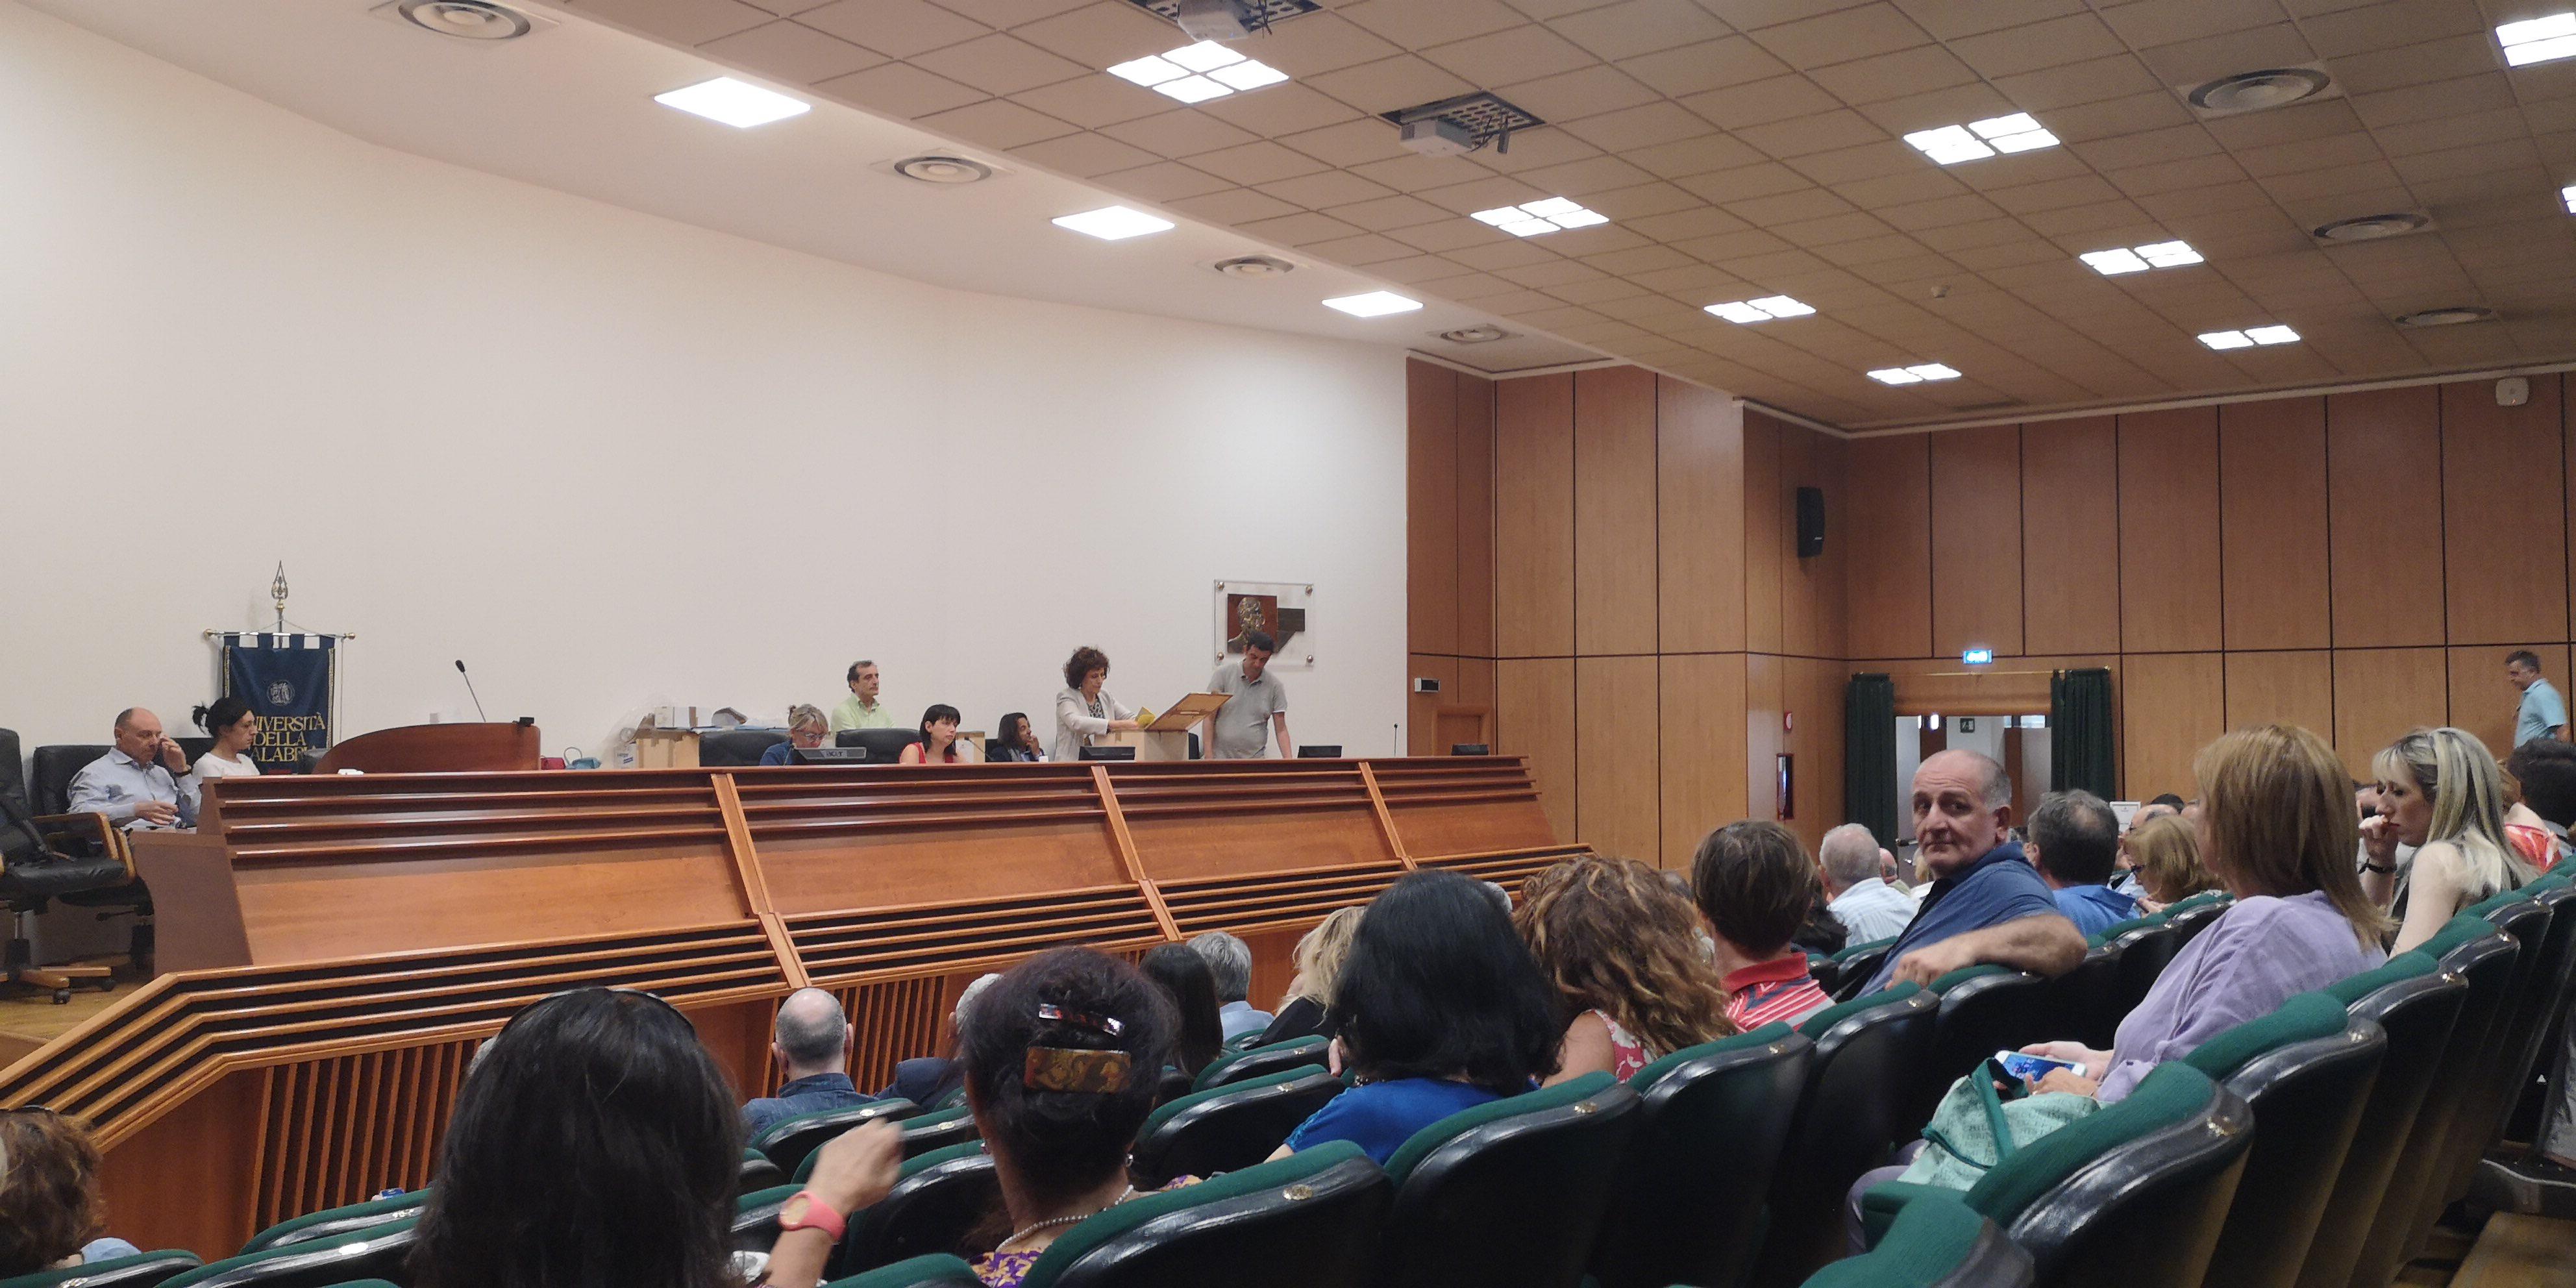 Rende, Nicola Leone è il nuovo rettore dell'Unical Il docente ordinario di informatica ha battuto Perrelli